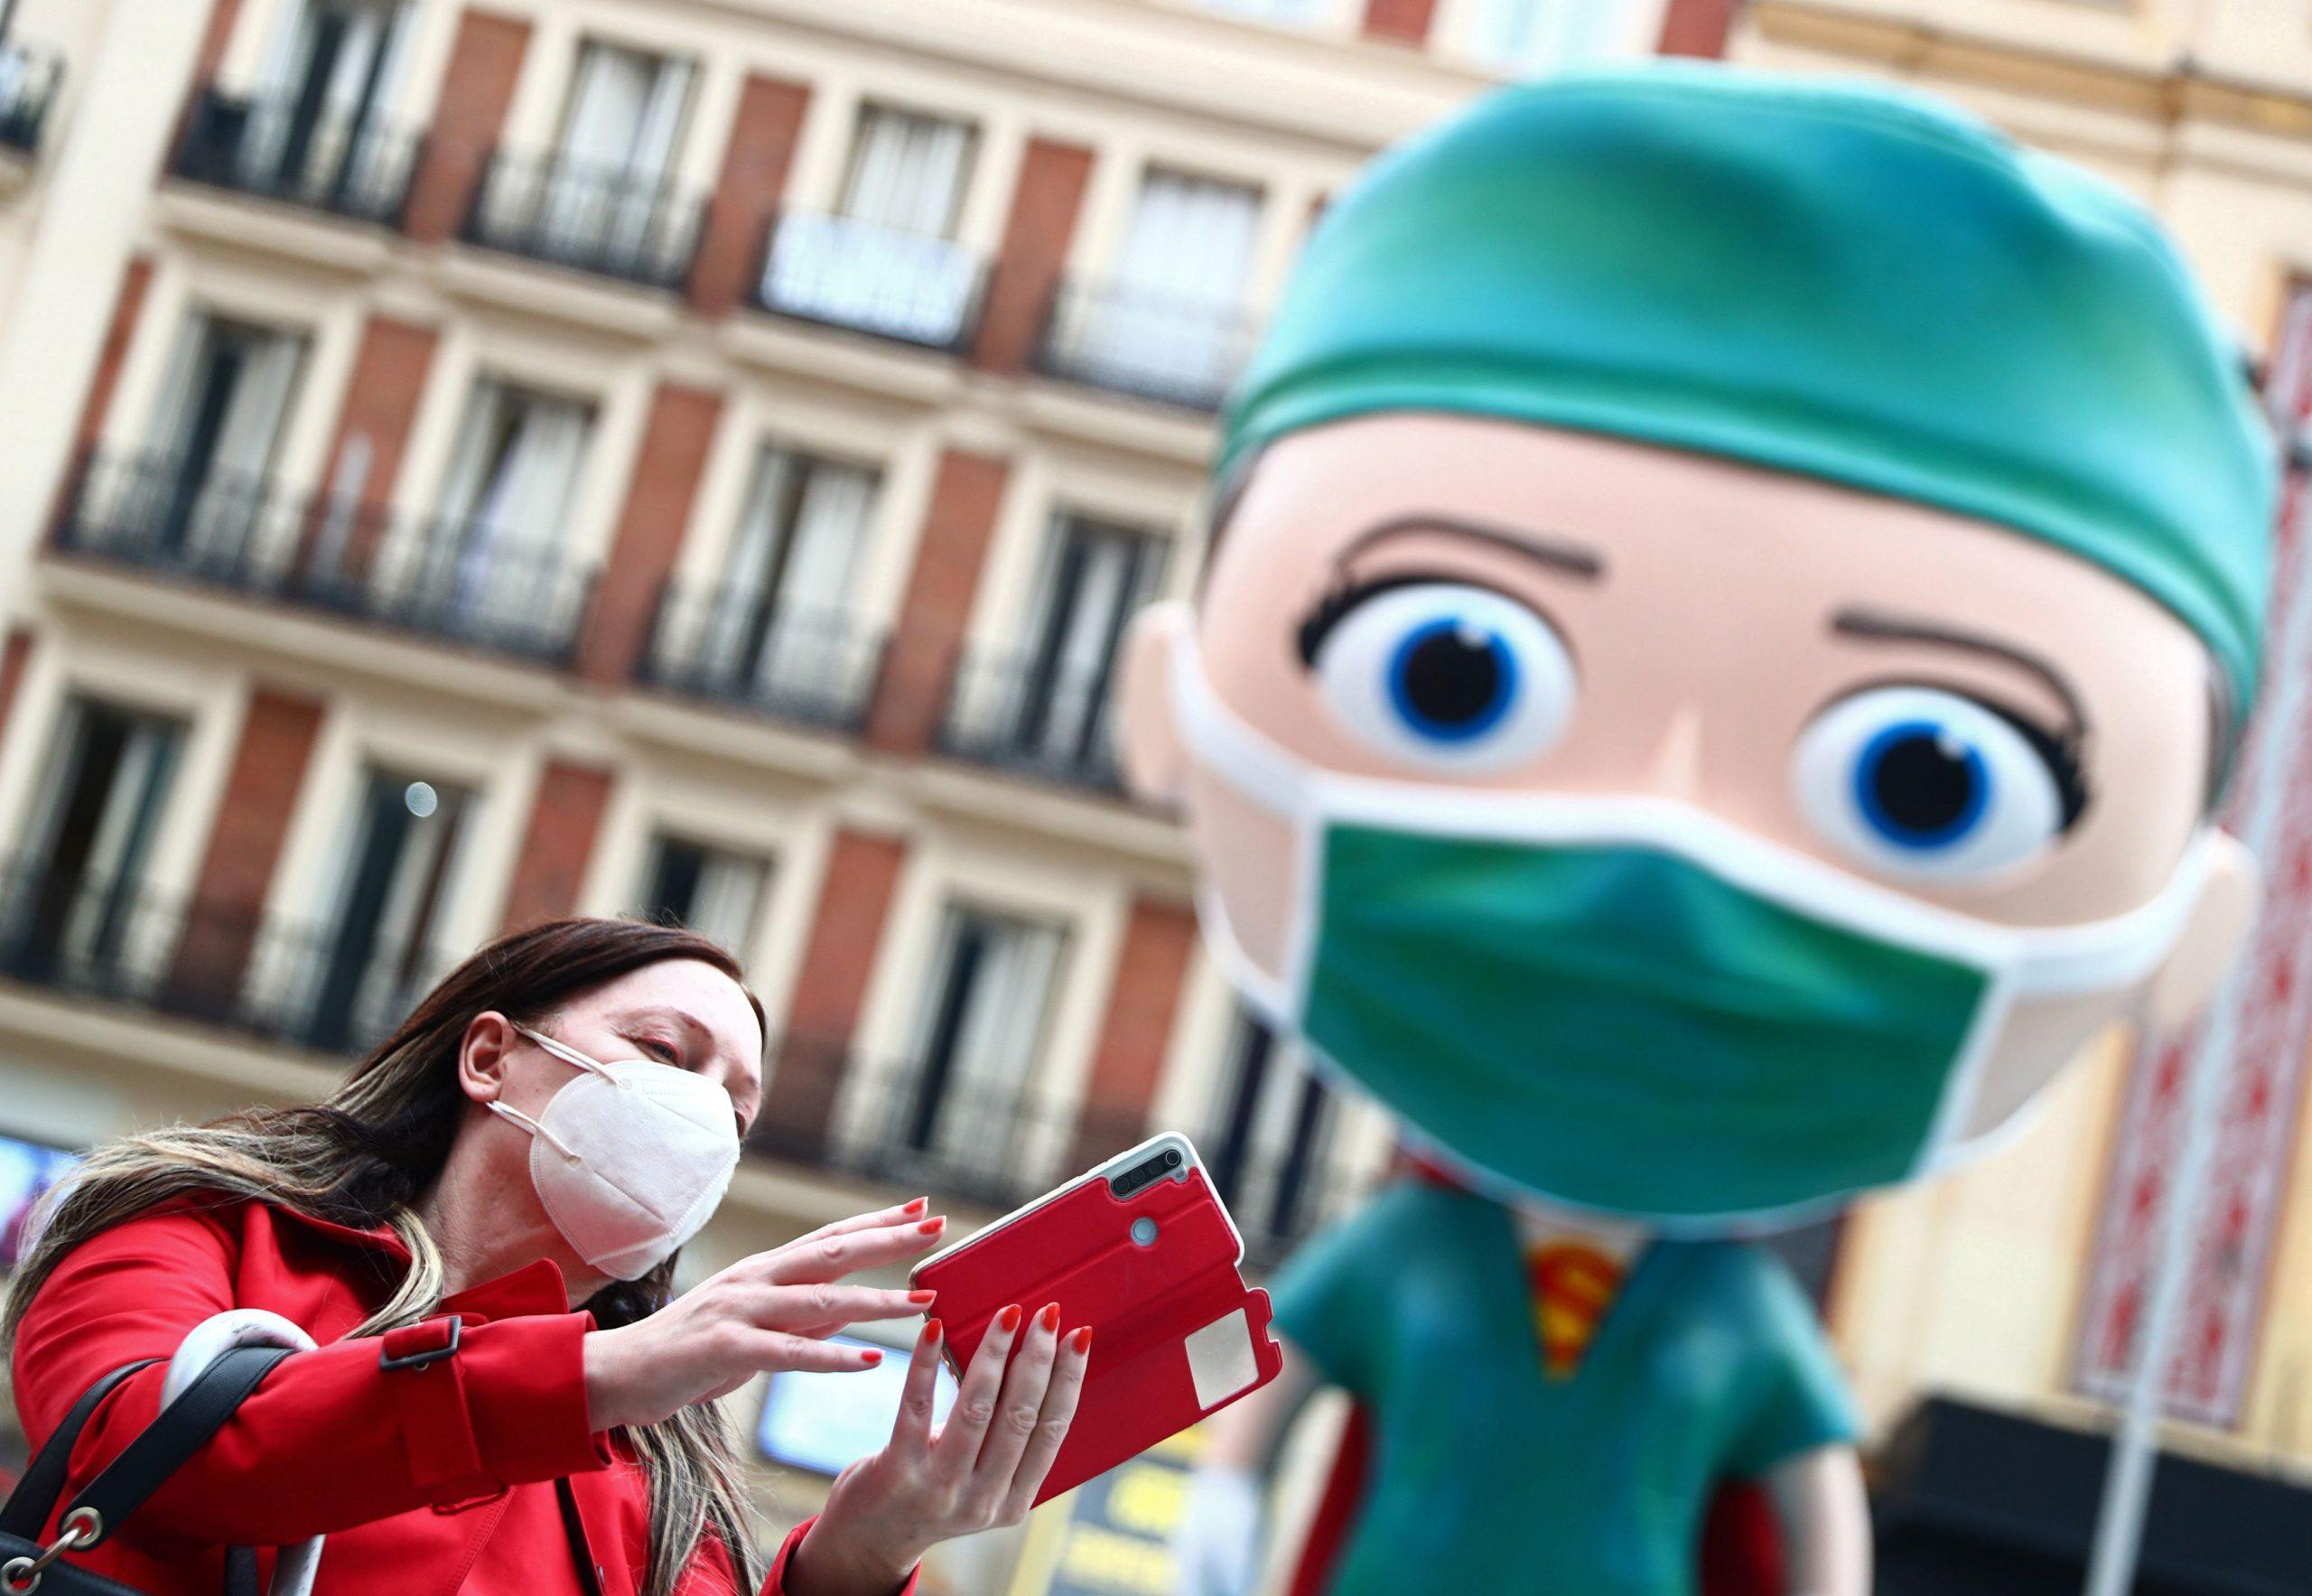 foto: REUTERS/Sergio Perez